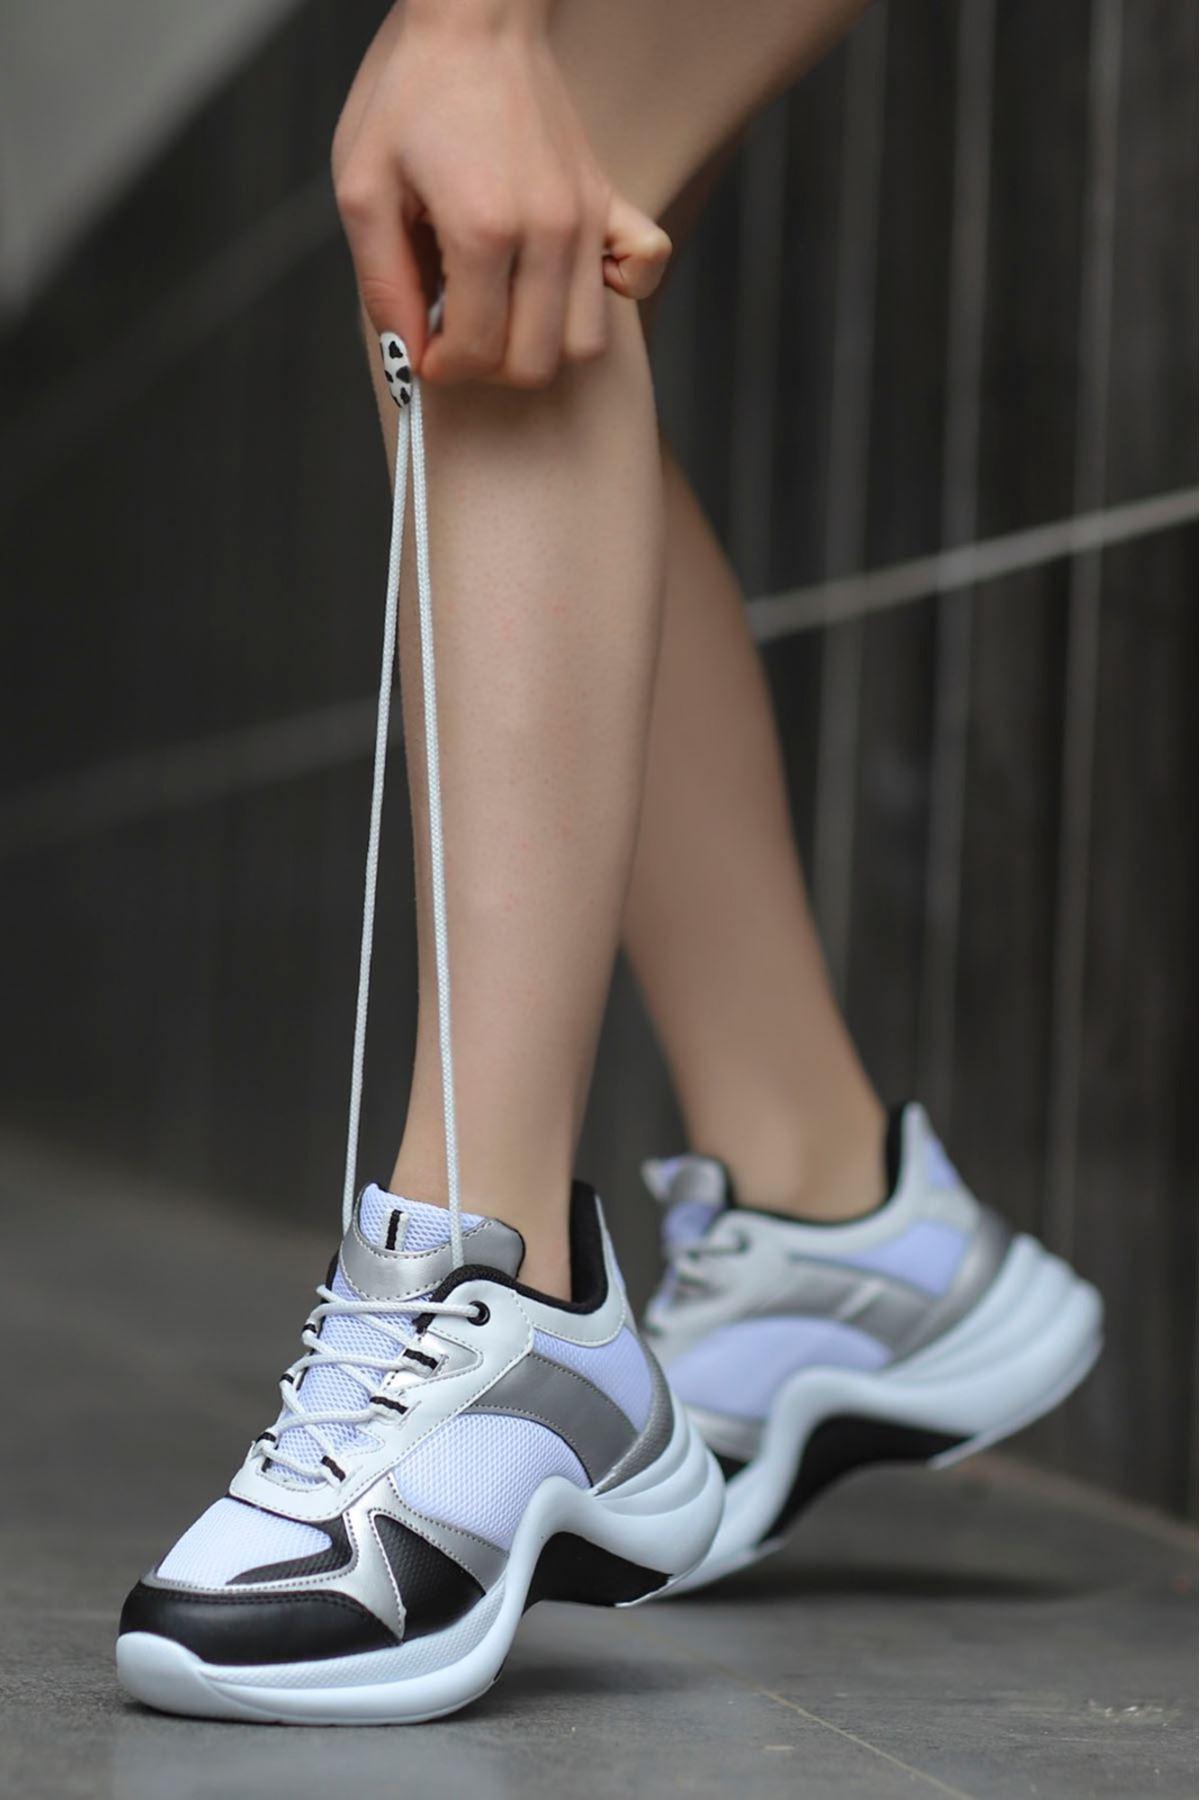 Tny-01 Tabanlı Spor Ayakkabı Beyaz Siyah Gümüş